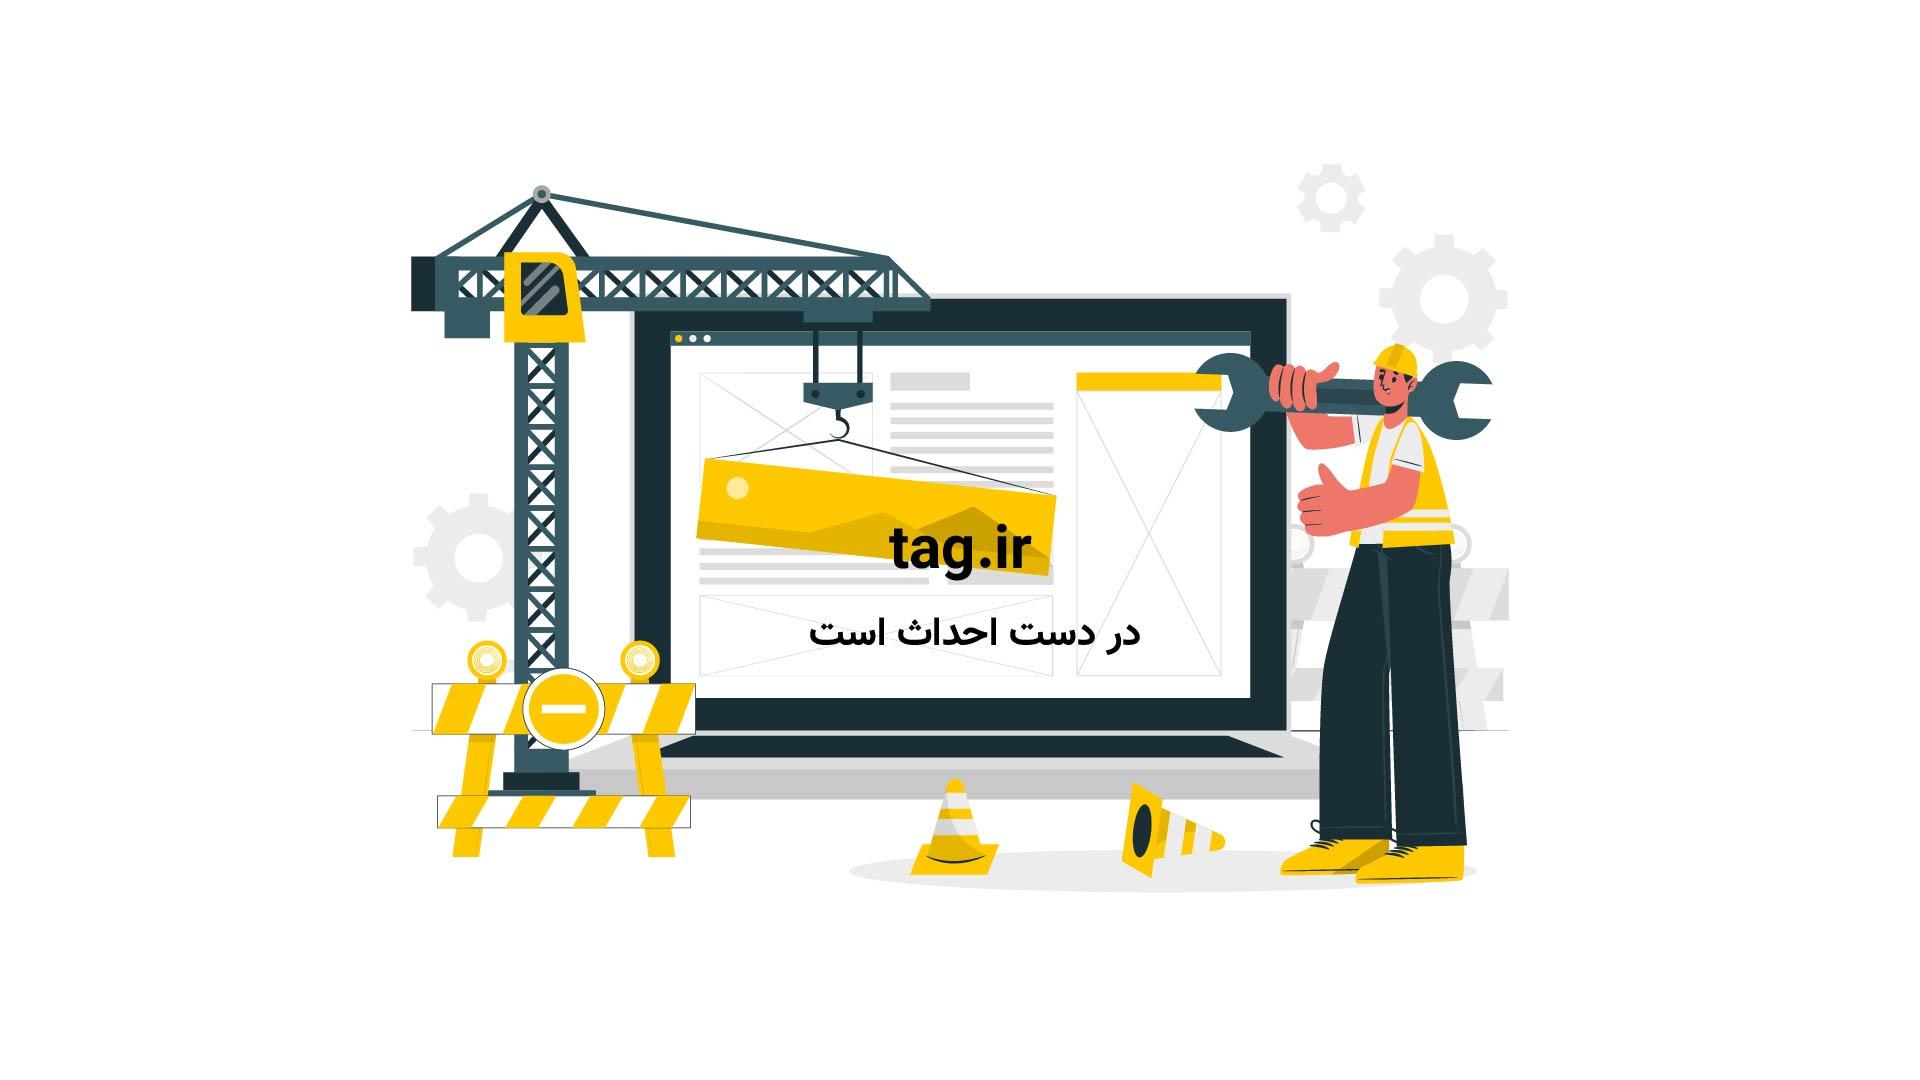 گرم کردن پیتزا بدون خشک شدن پنیر آن+فیلم